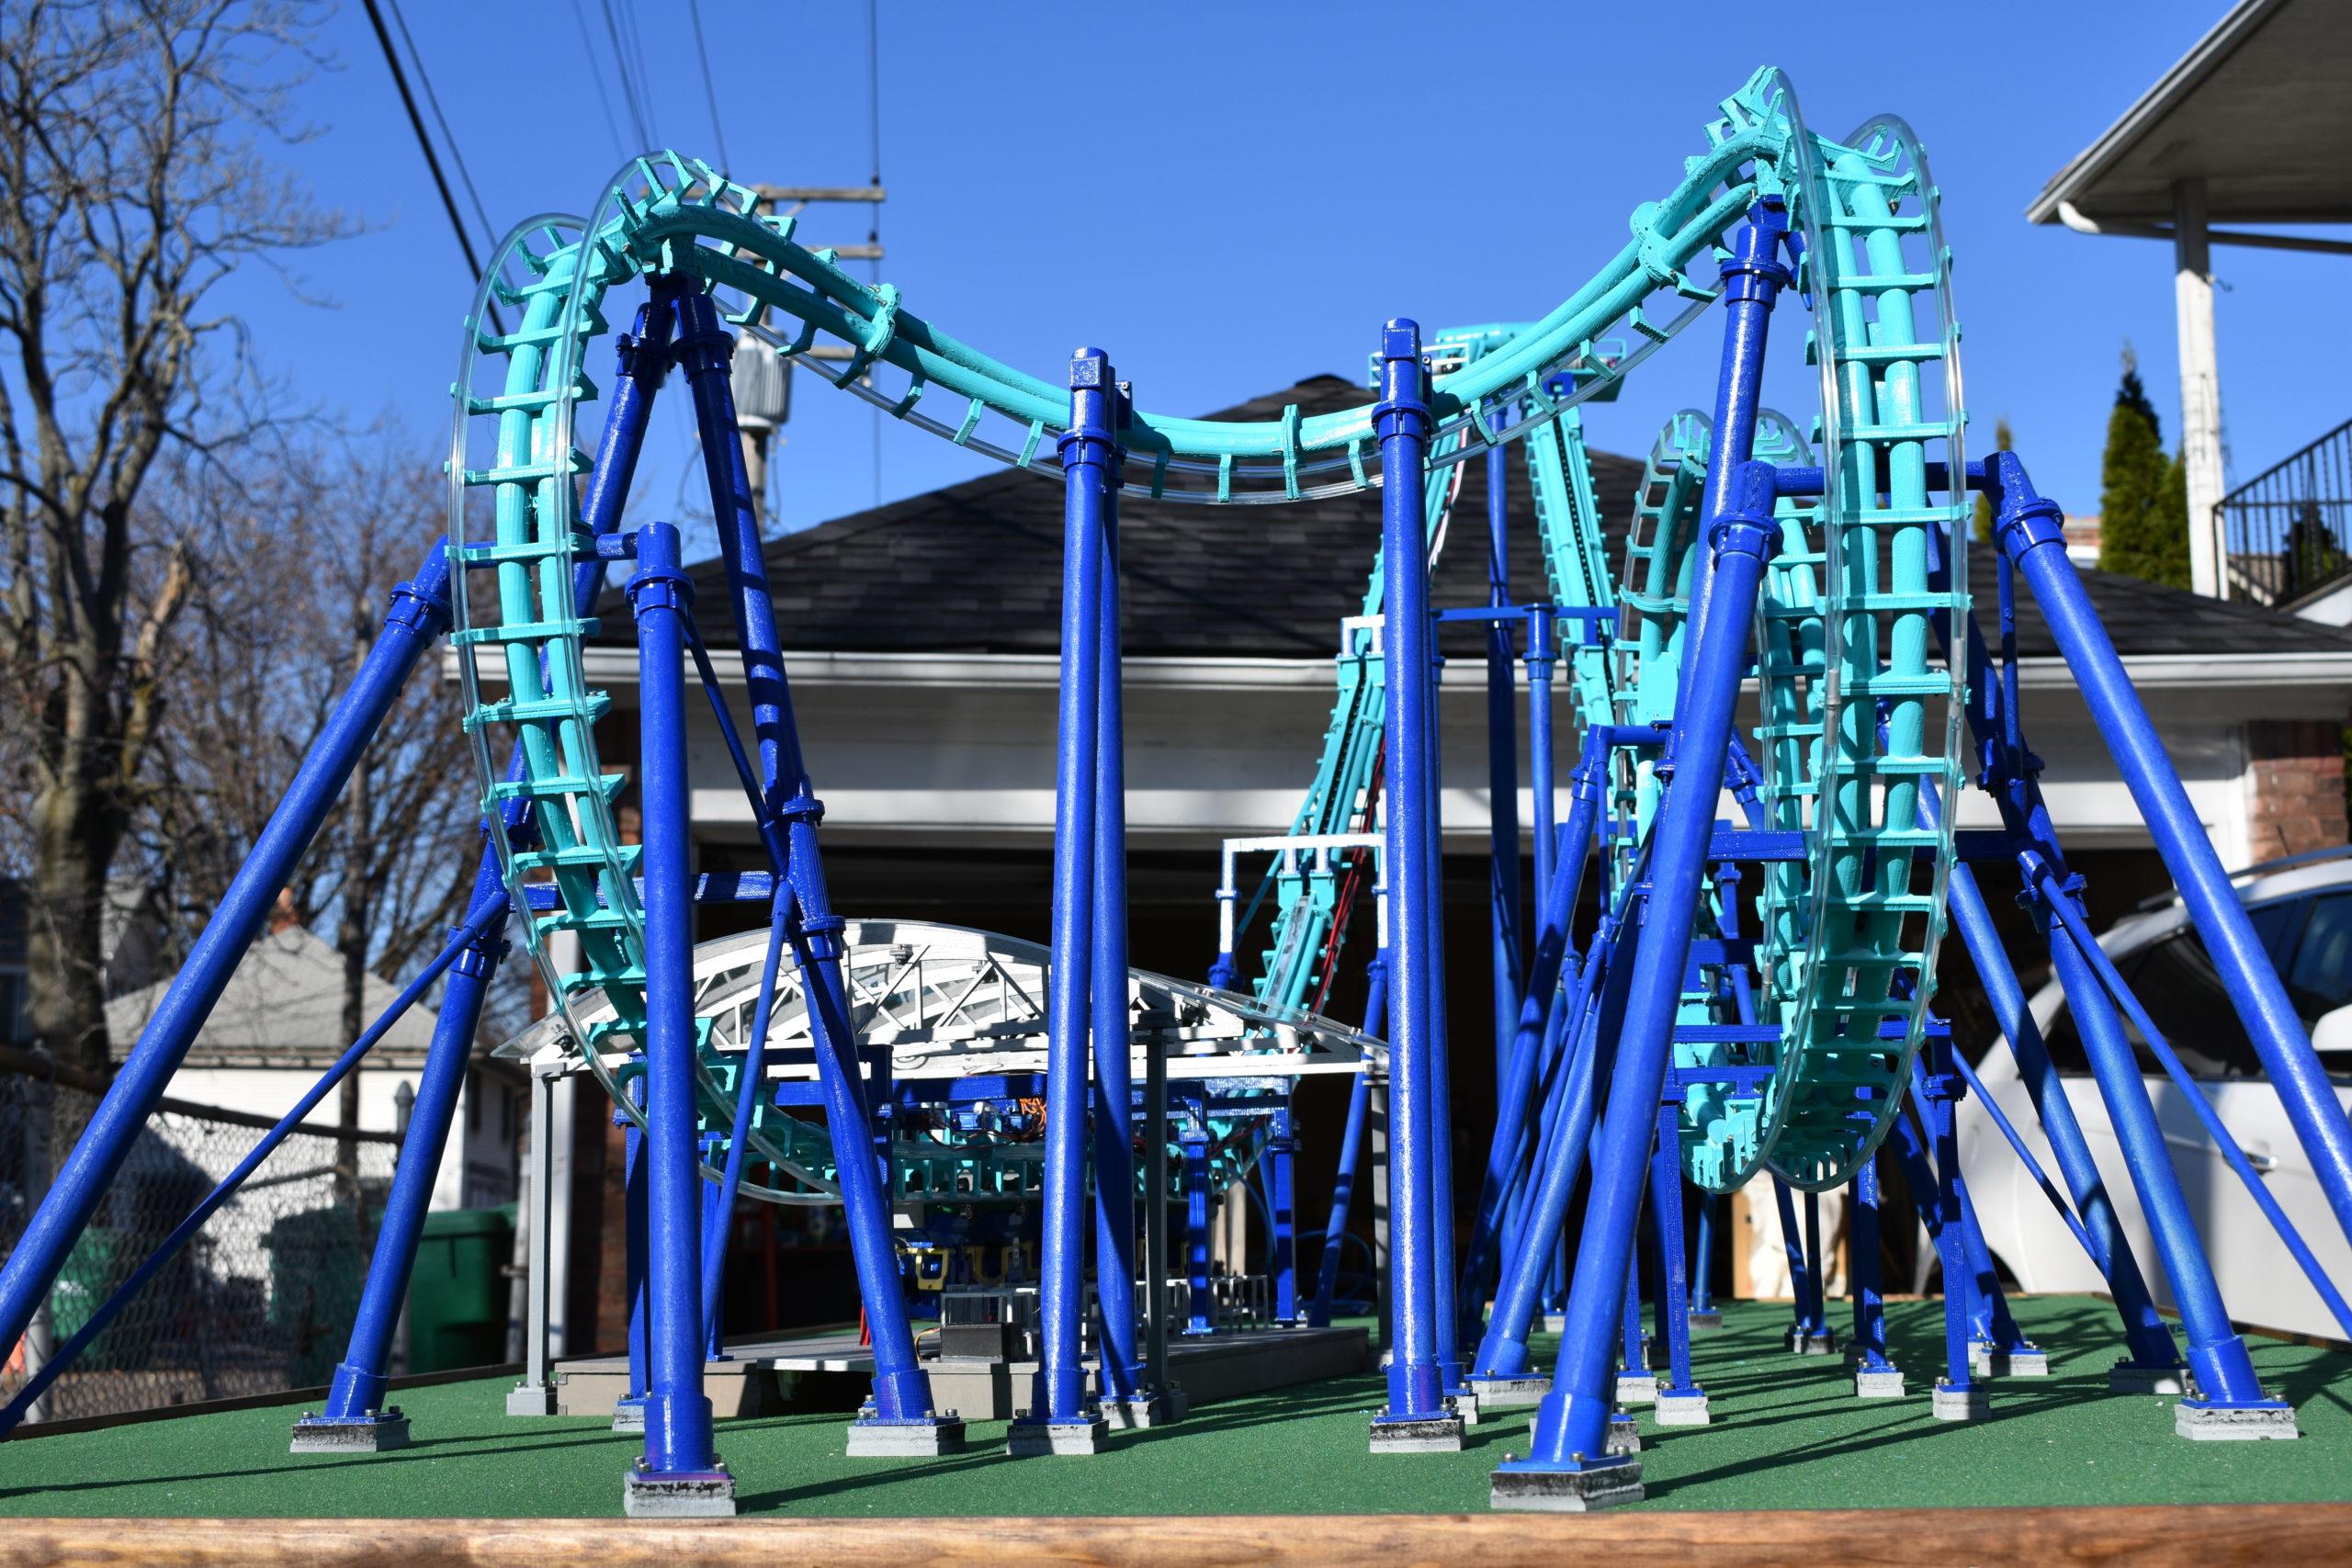 Matt's Roller Coaster